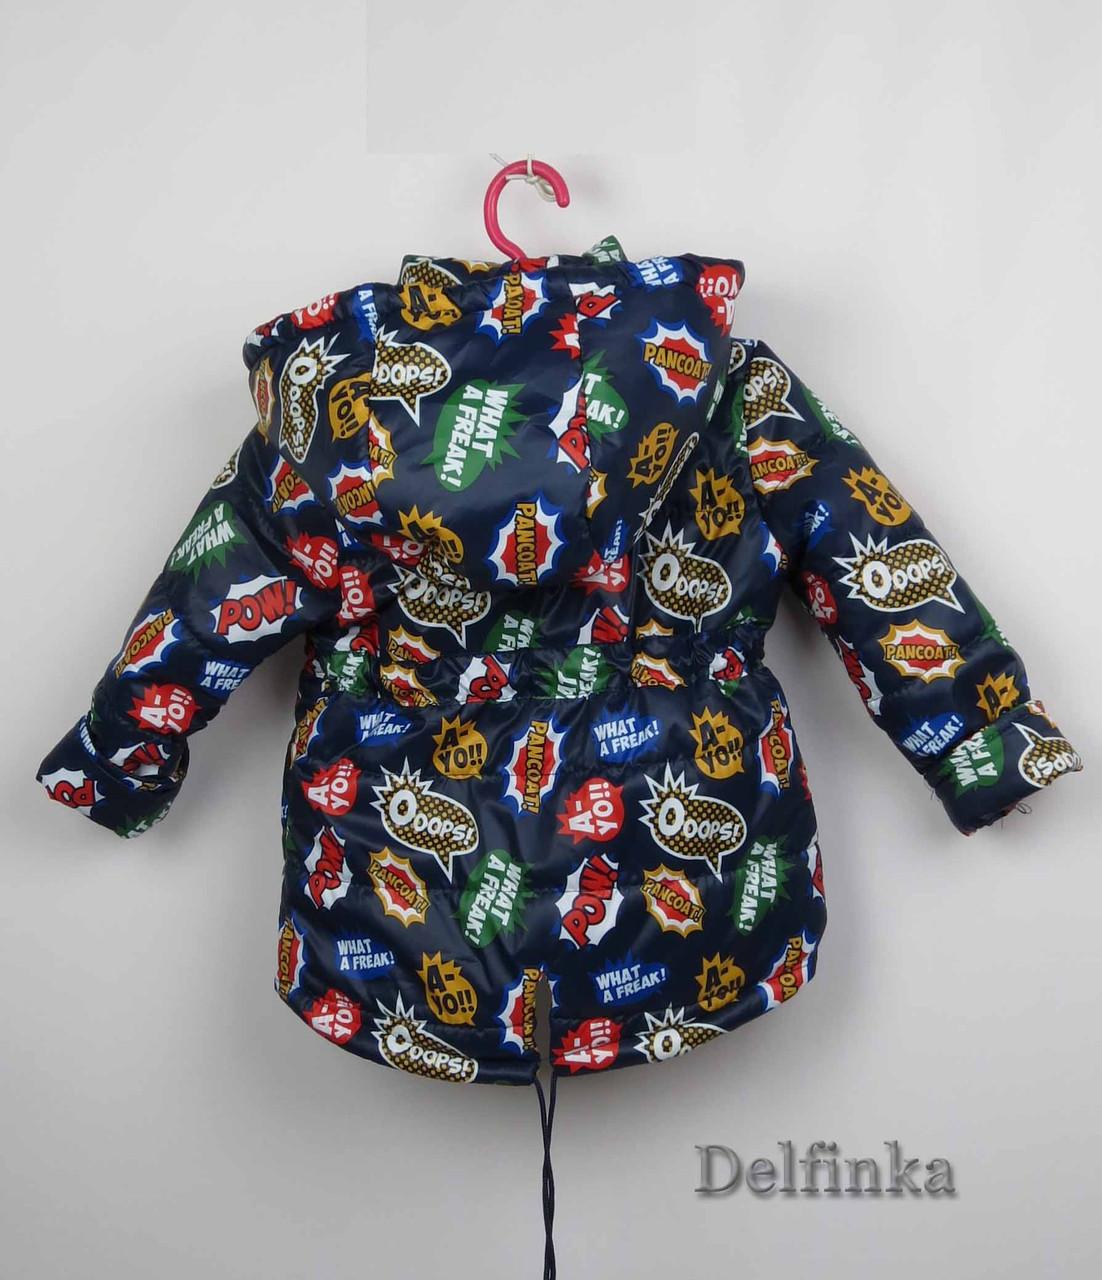 Куртка весна-осень,код 104, размеры рост 92 см - 110 см, размеры 2-5 лет, фото 2